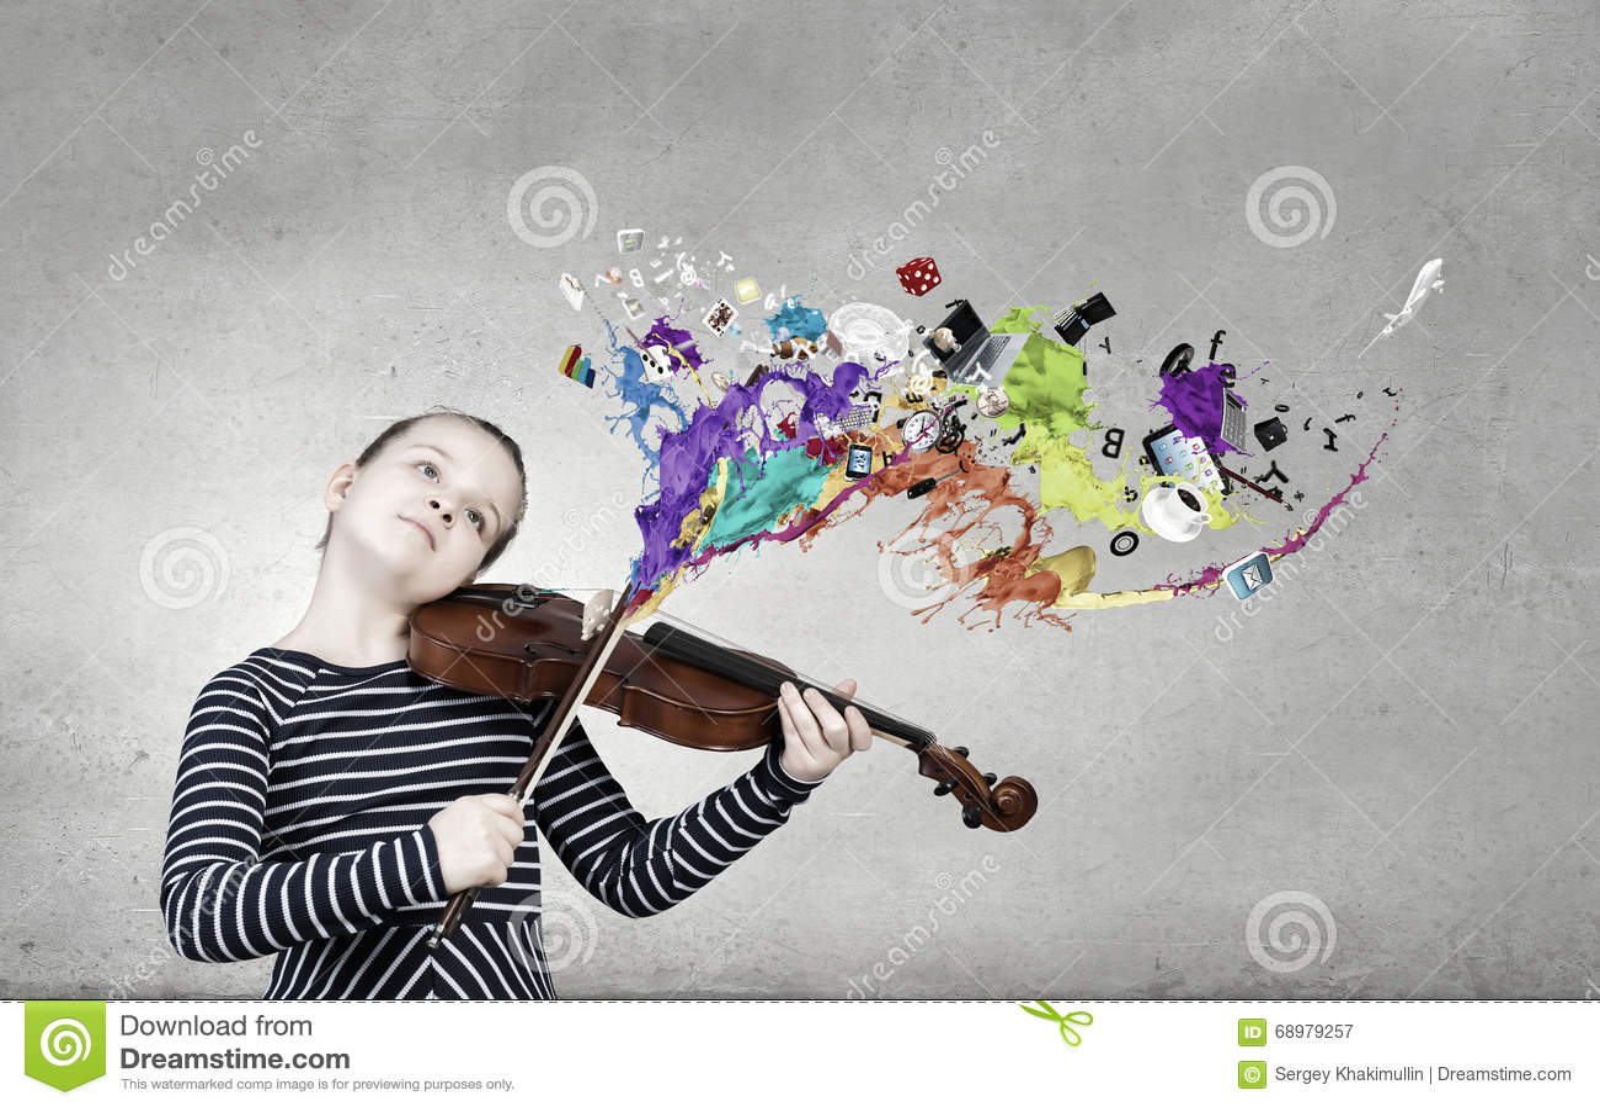 Liten fiolspelare